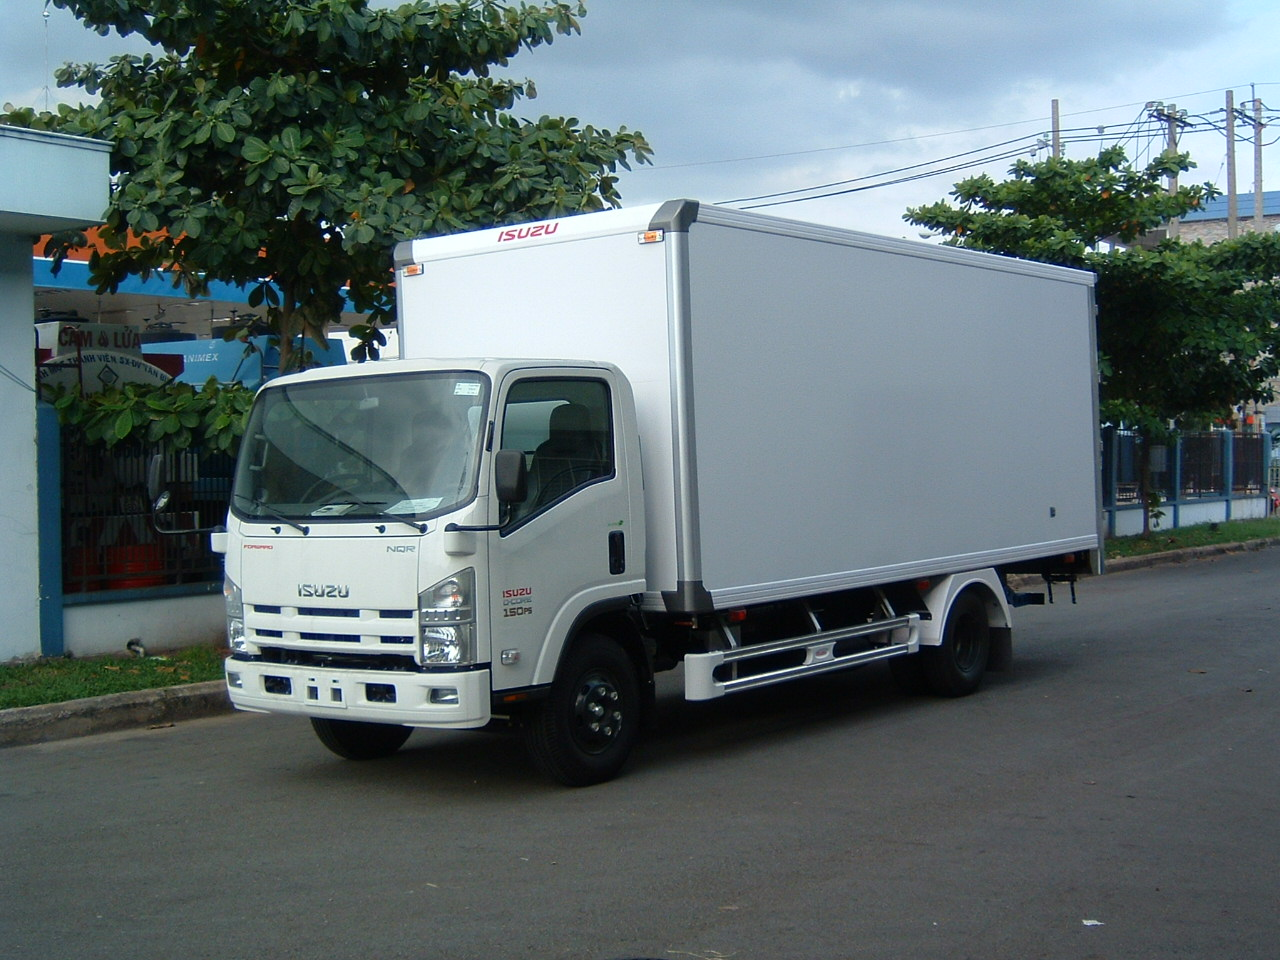 xe tai isuzu 5 tan n-series